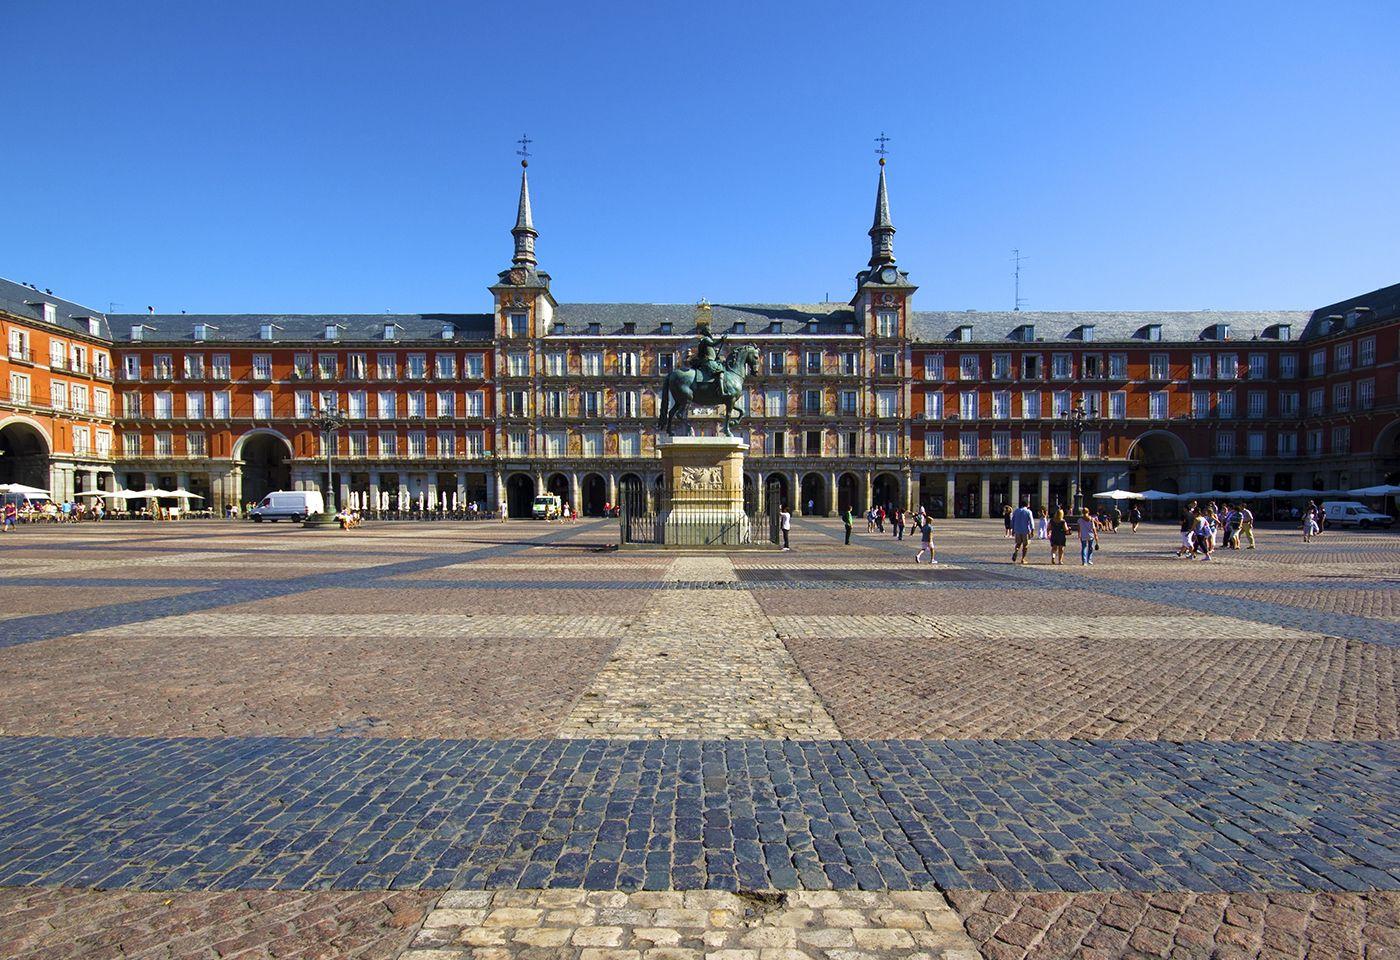 Conoce la historia de la plaza mayor de madrid madrid for Lugares turisticos de espana madrid